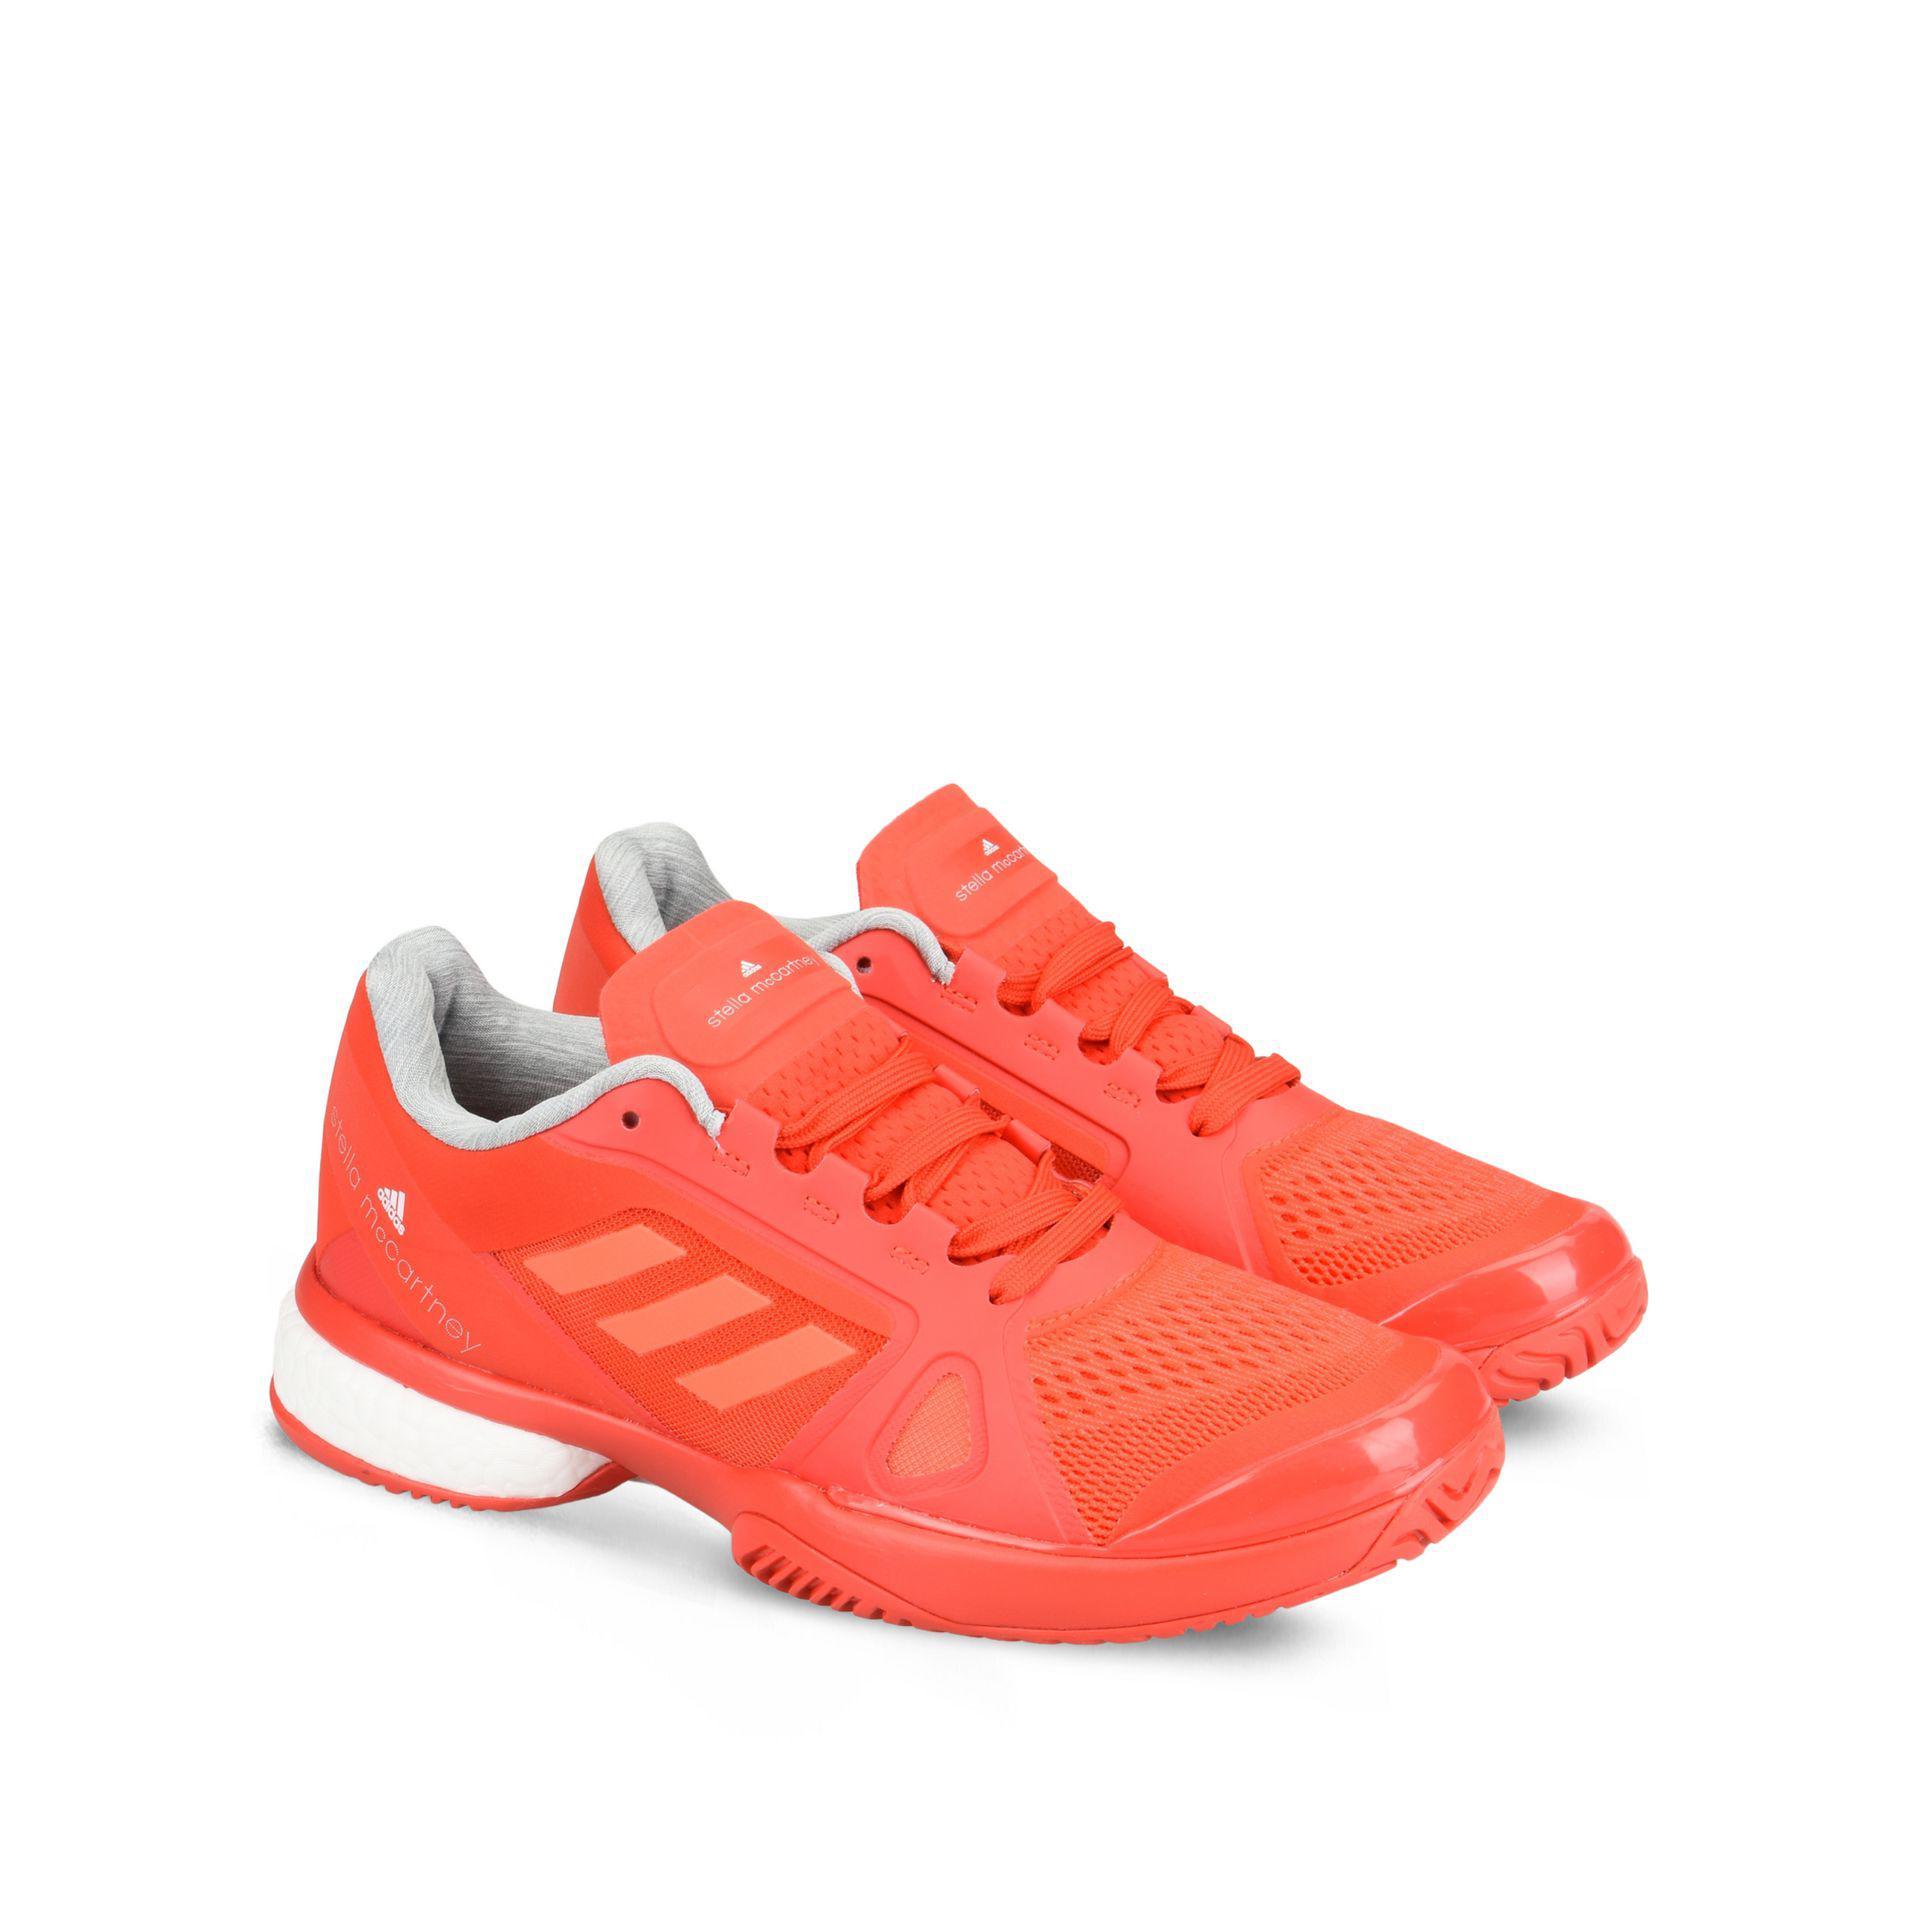 db94d2aaf5c Lyst - adidas By Stella McCartney Red Boost Barricade Tennis Shoes ...